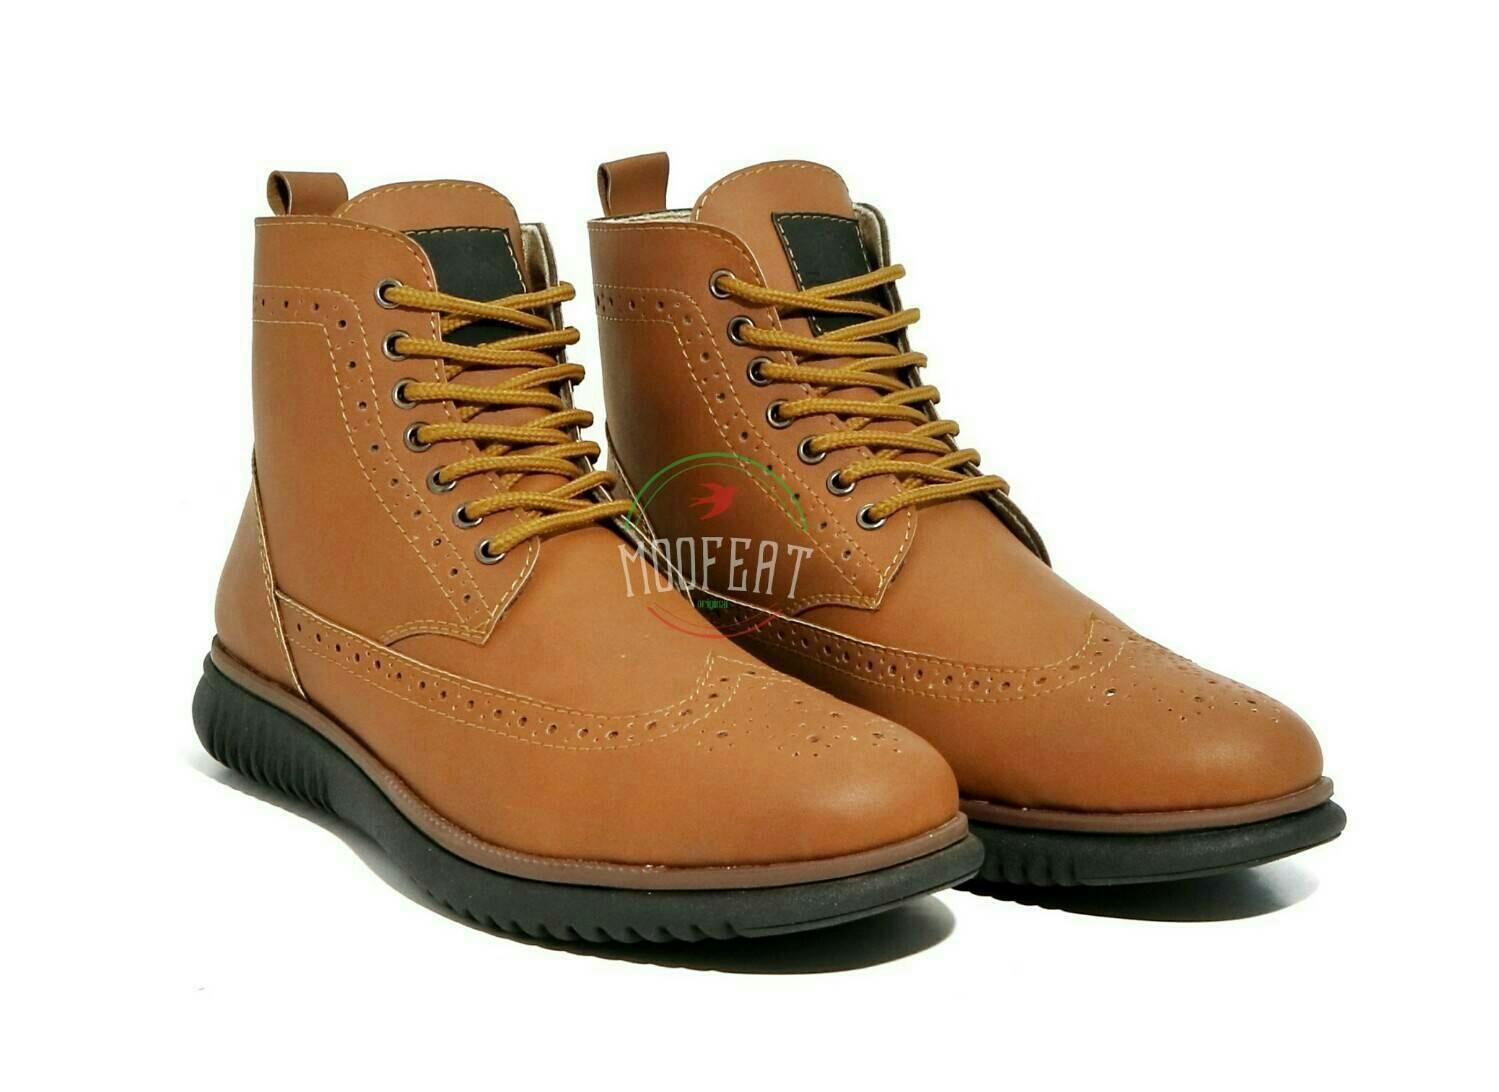 Coba Bandingkan Barang Sepatu Boots Moofeat Paling Murah Bhinekashop Lunnar Tan Pria Original Semi Wingtip